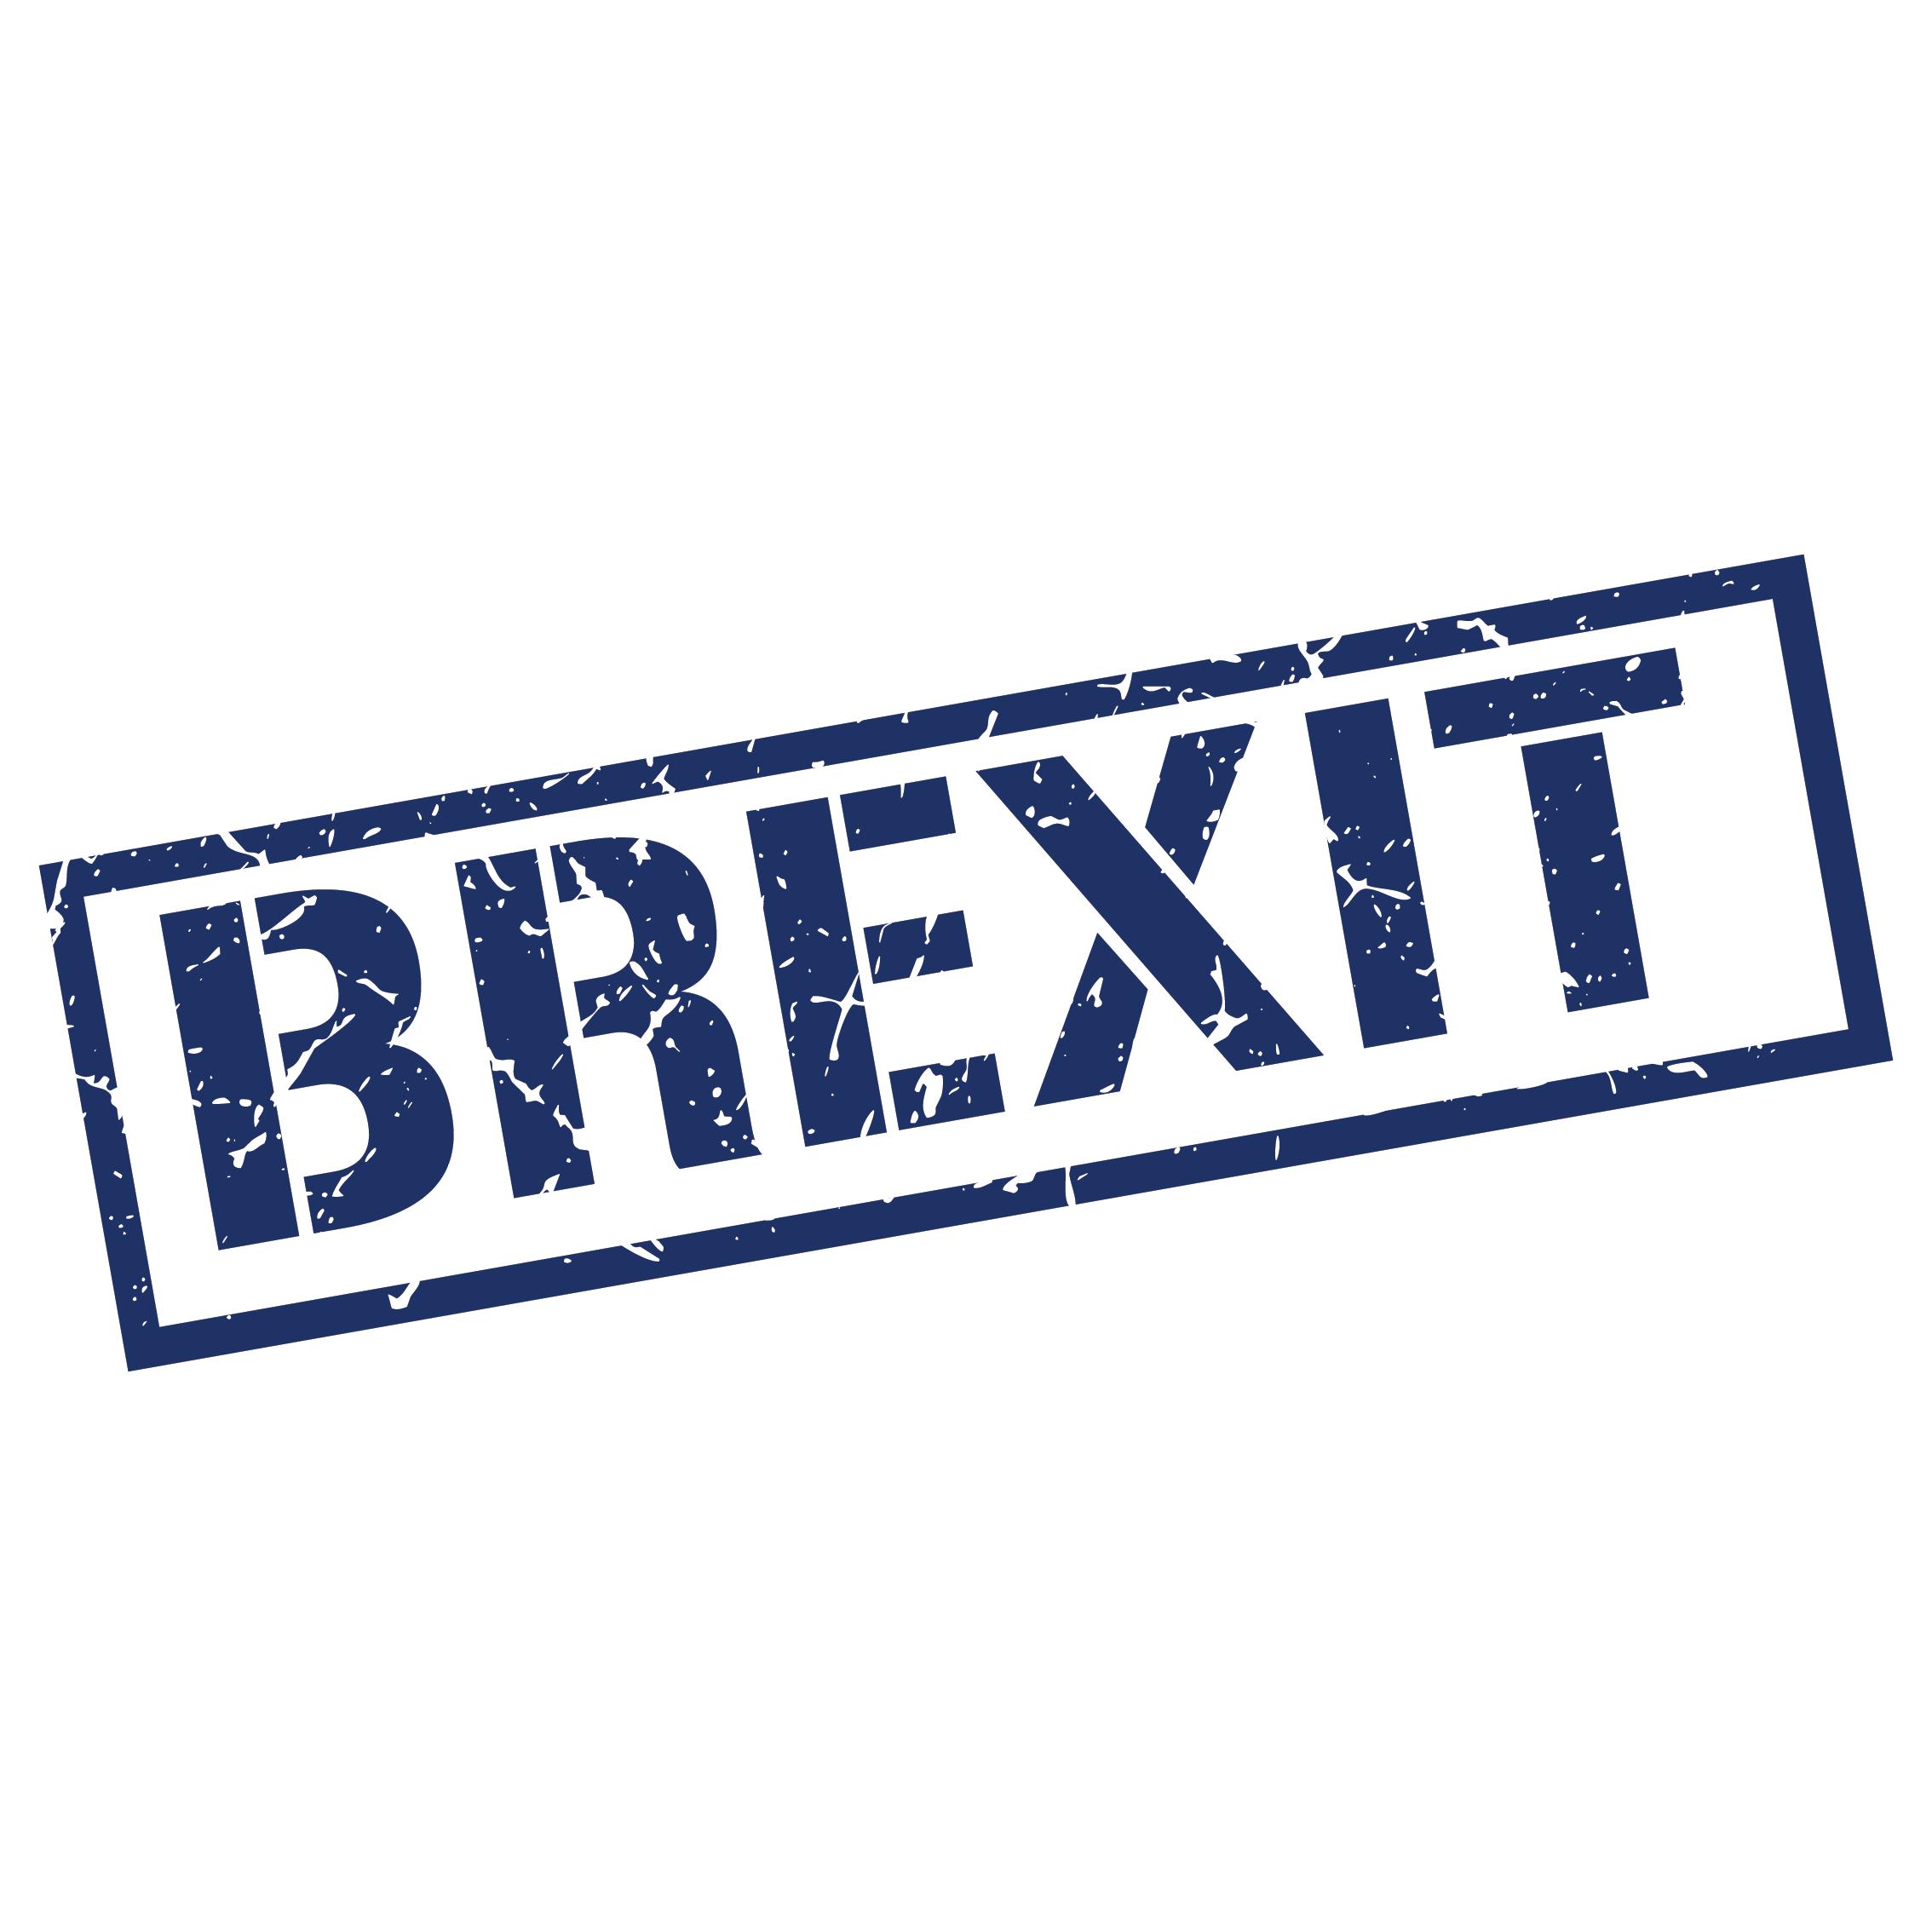 Artboard 1 - Braced for Brexit